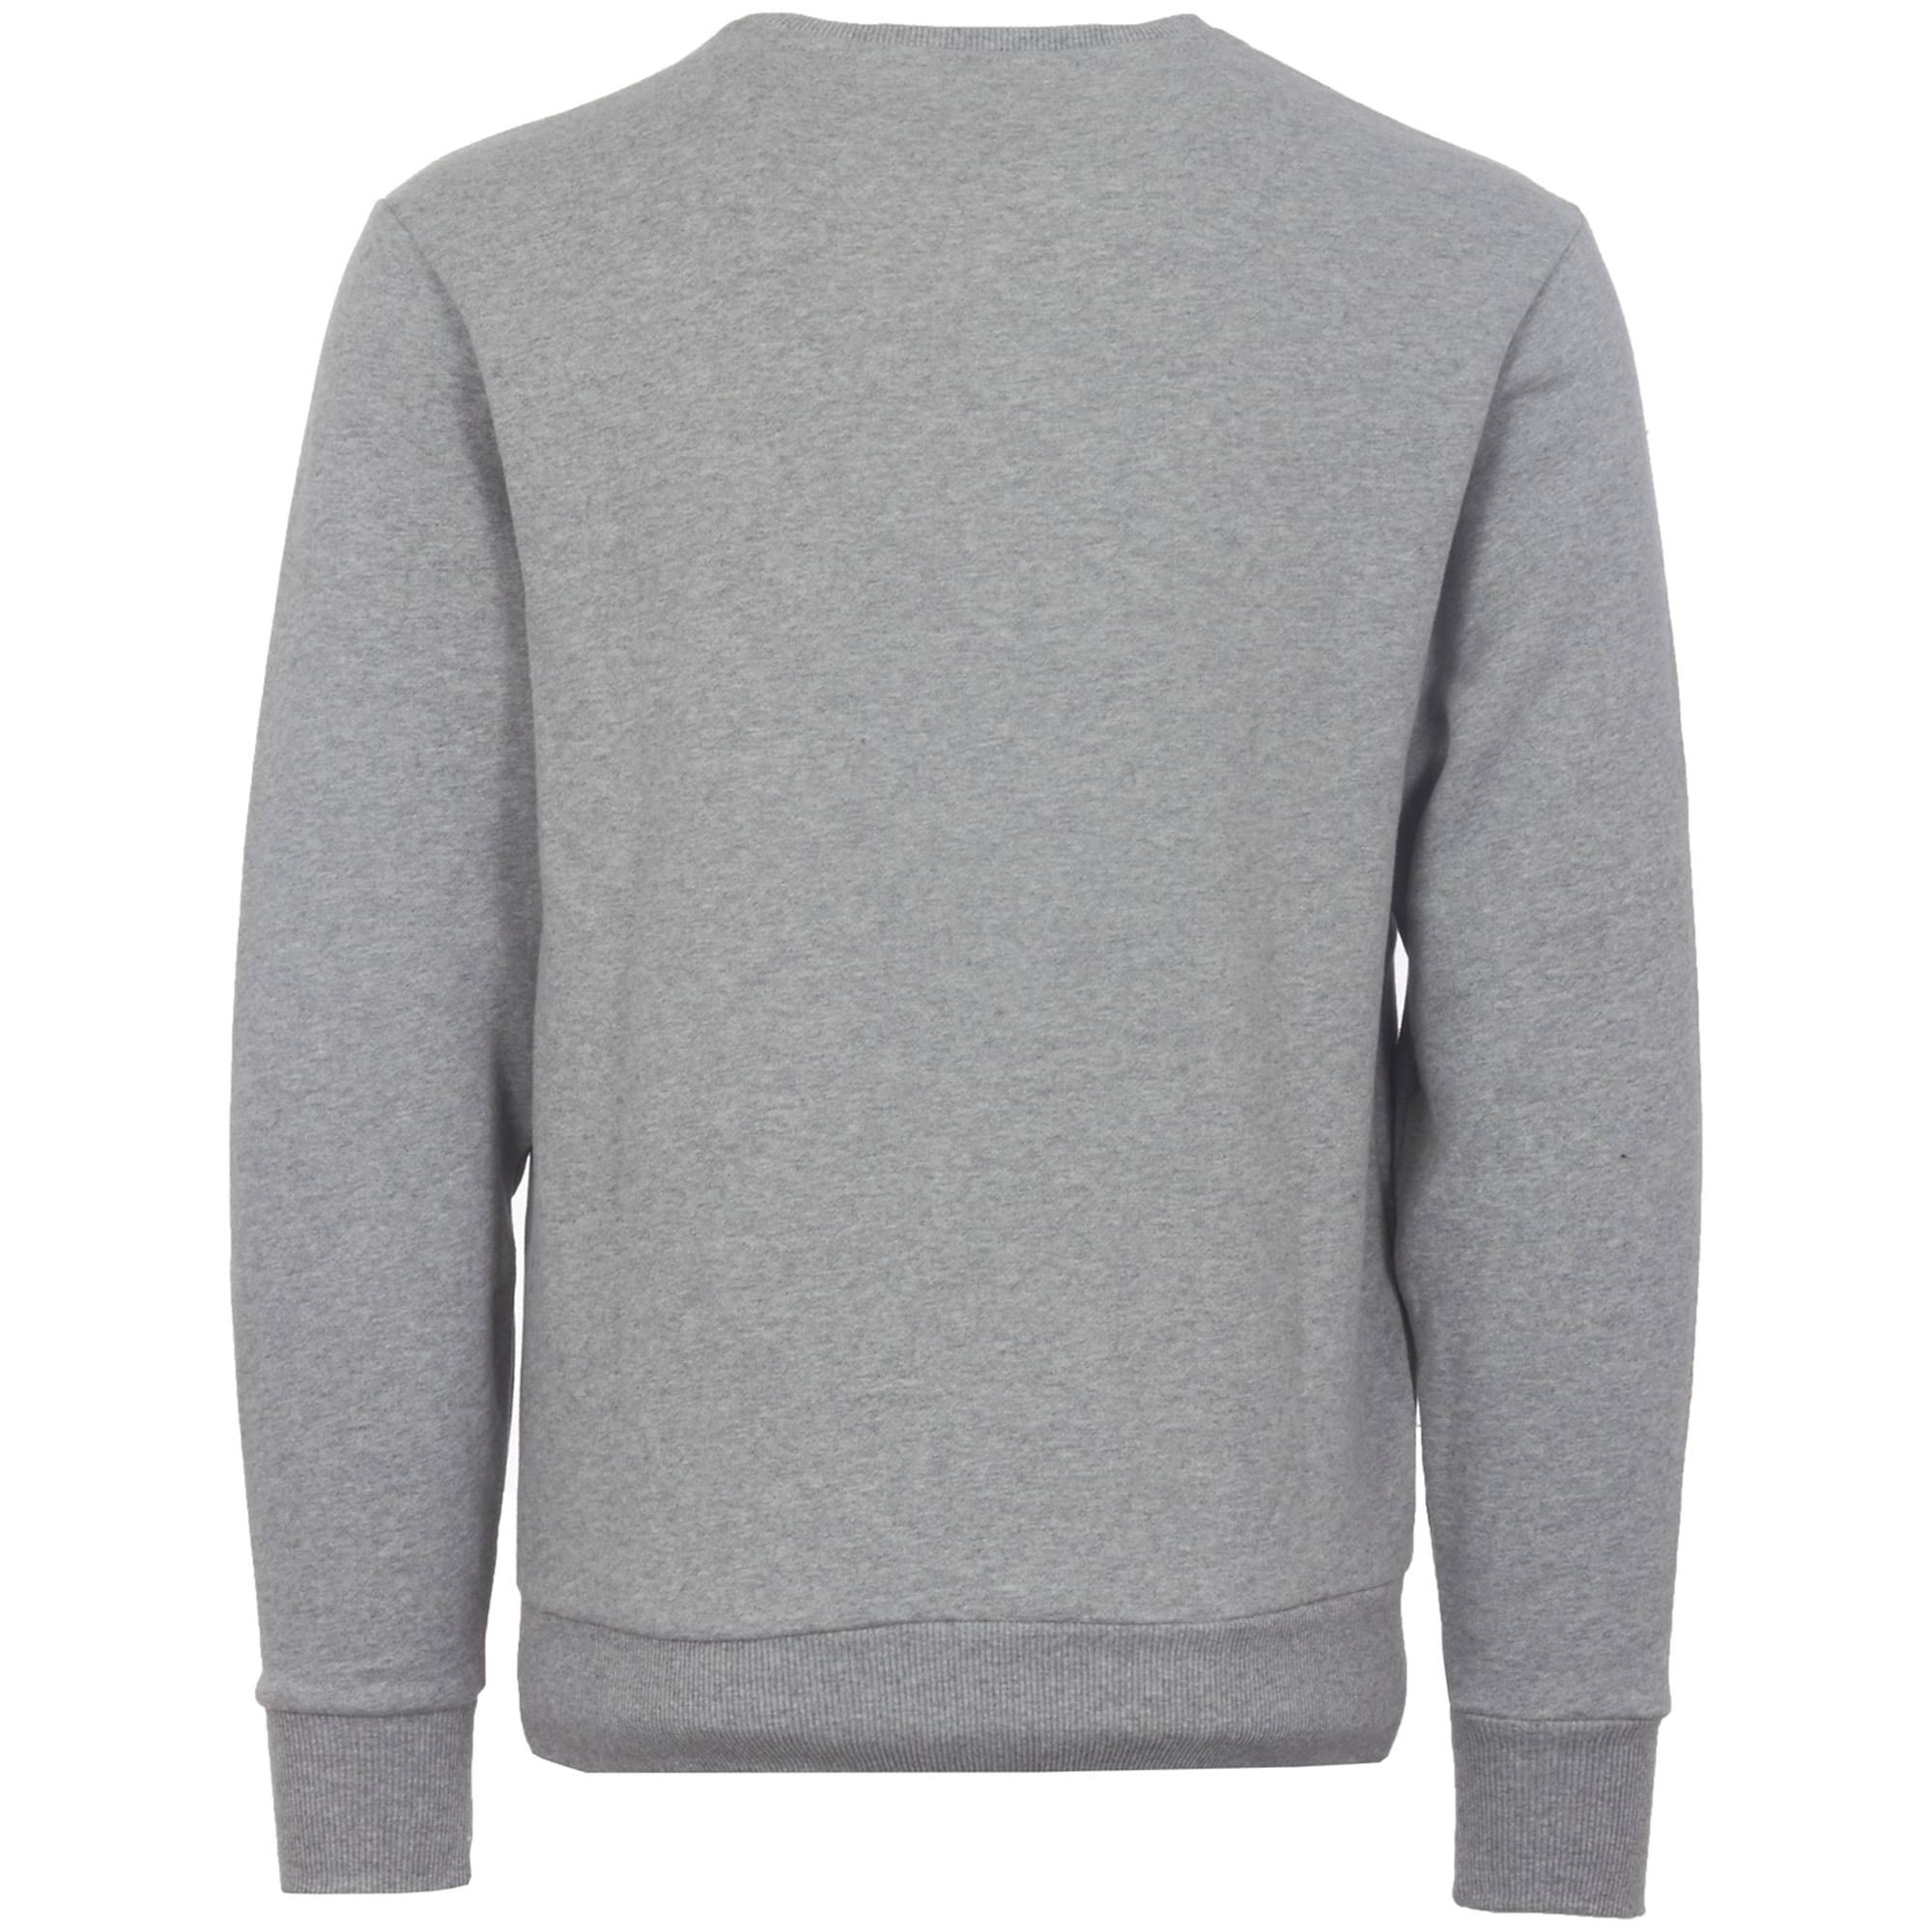 Grau Meliert Mit Sweatshirt Rundhalsausschnitt Schwarzes Succiso Ellesse wtqY7Xx